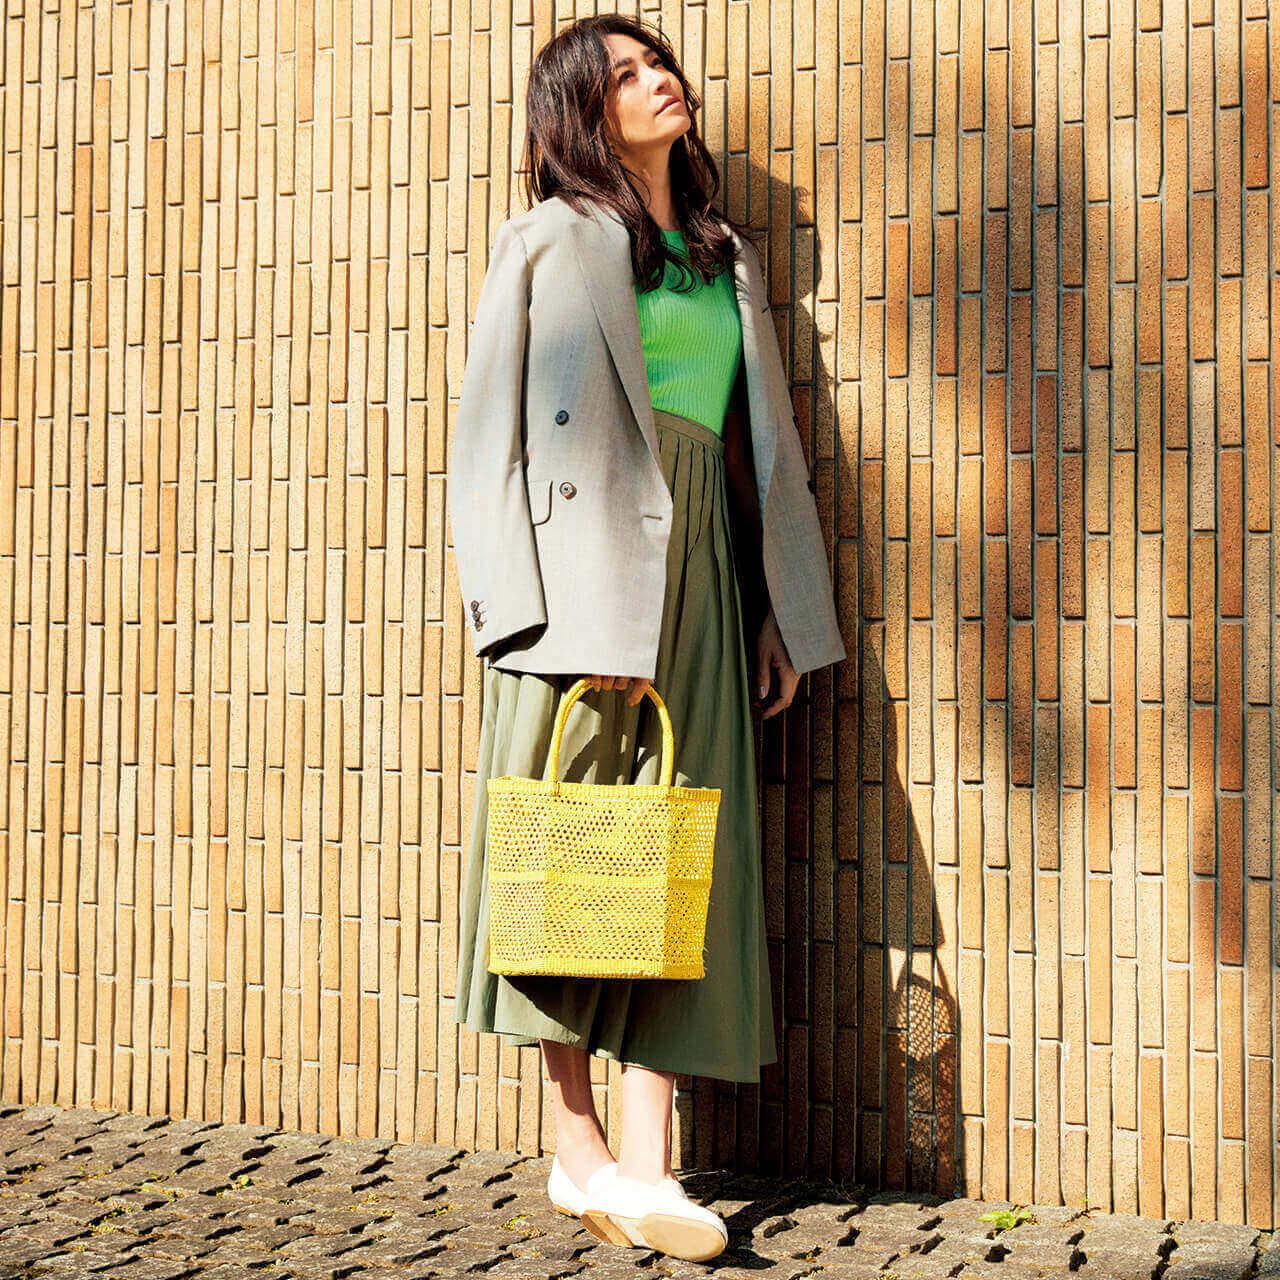 センシ スタジオのかごバッグを持つモデルのRINAさん